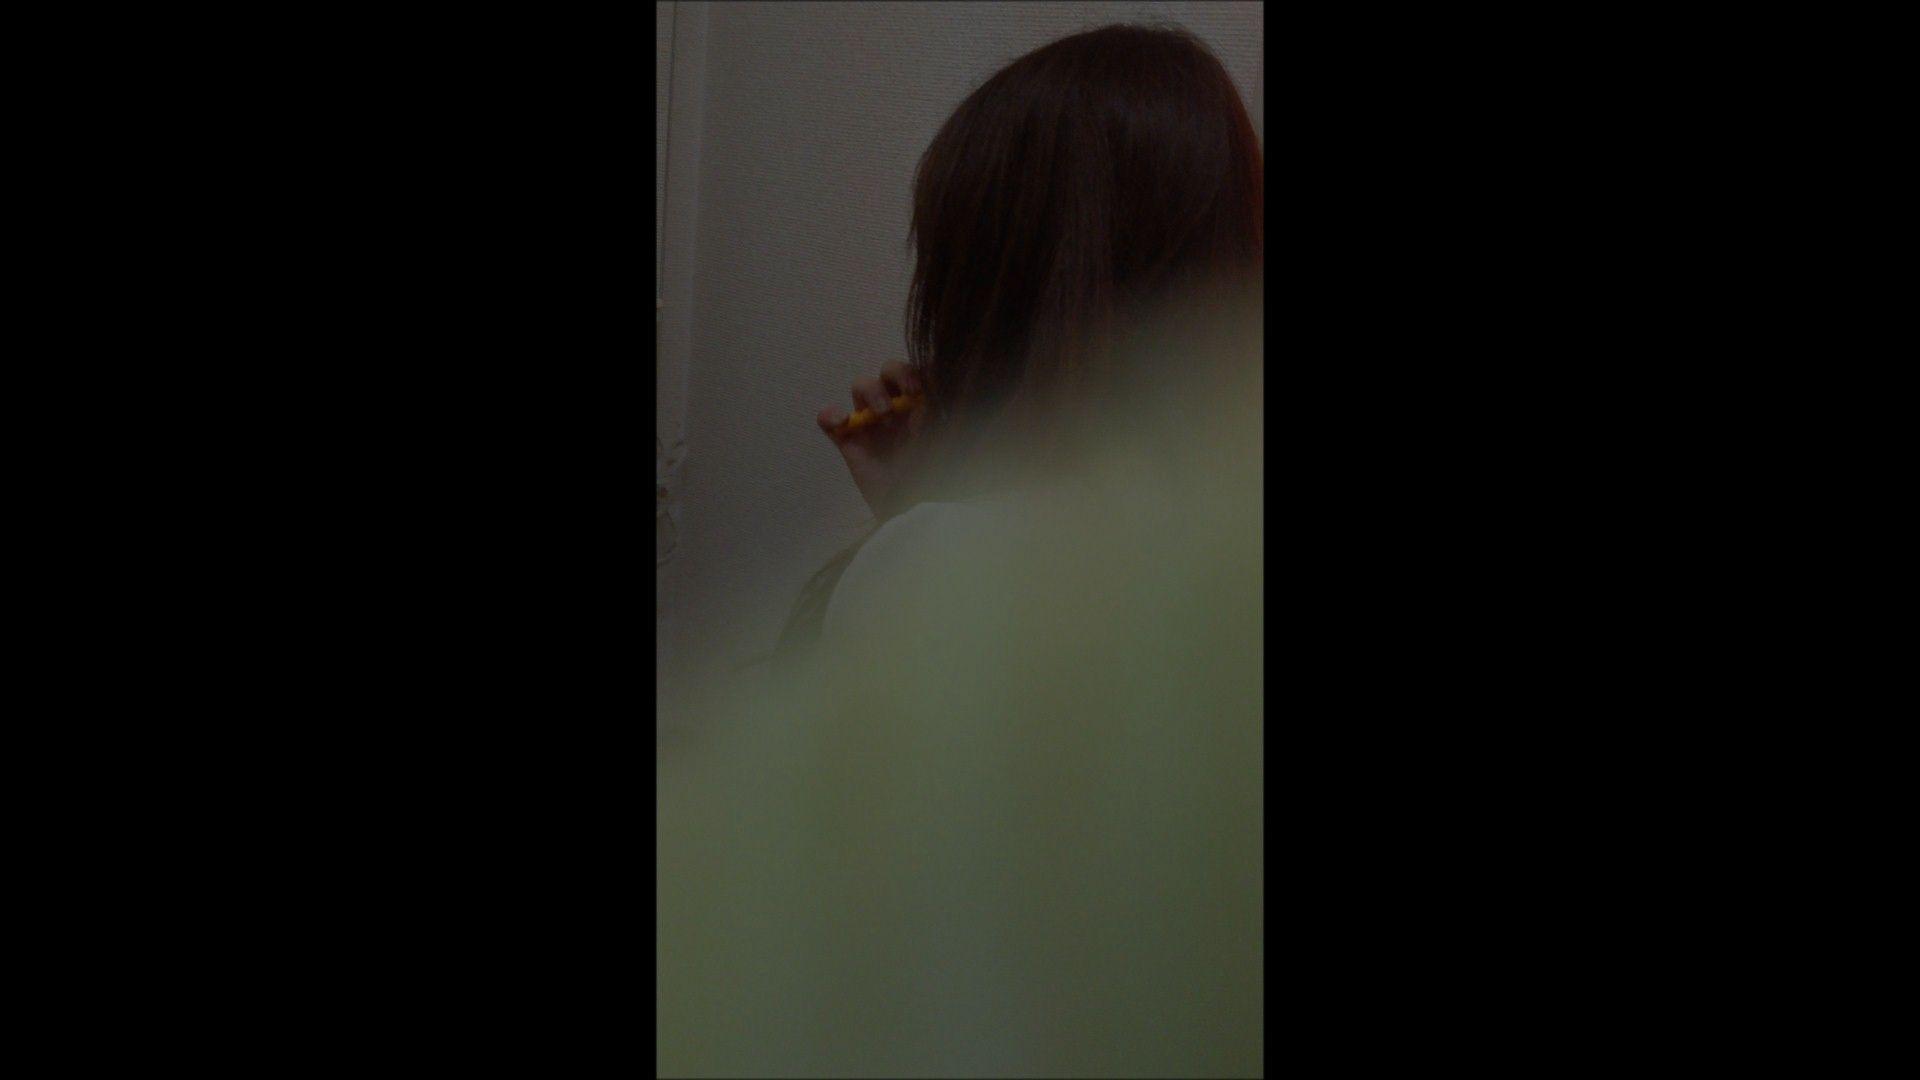 08(8日目)メイク中の彼女の顔を撮りました! マンコ特集 | オマンコ丸見え  59連発 3